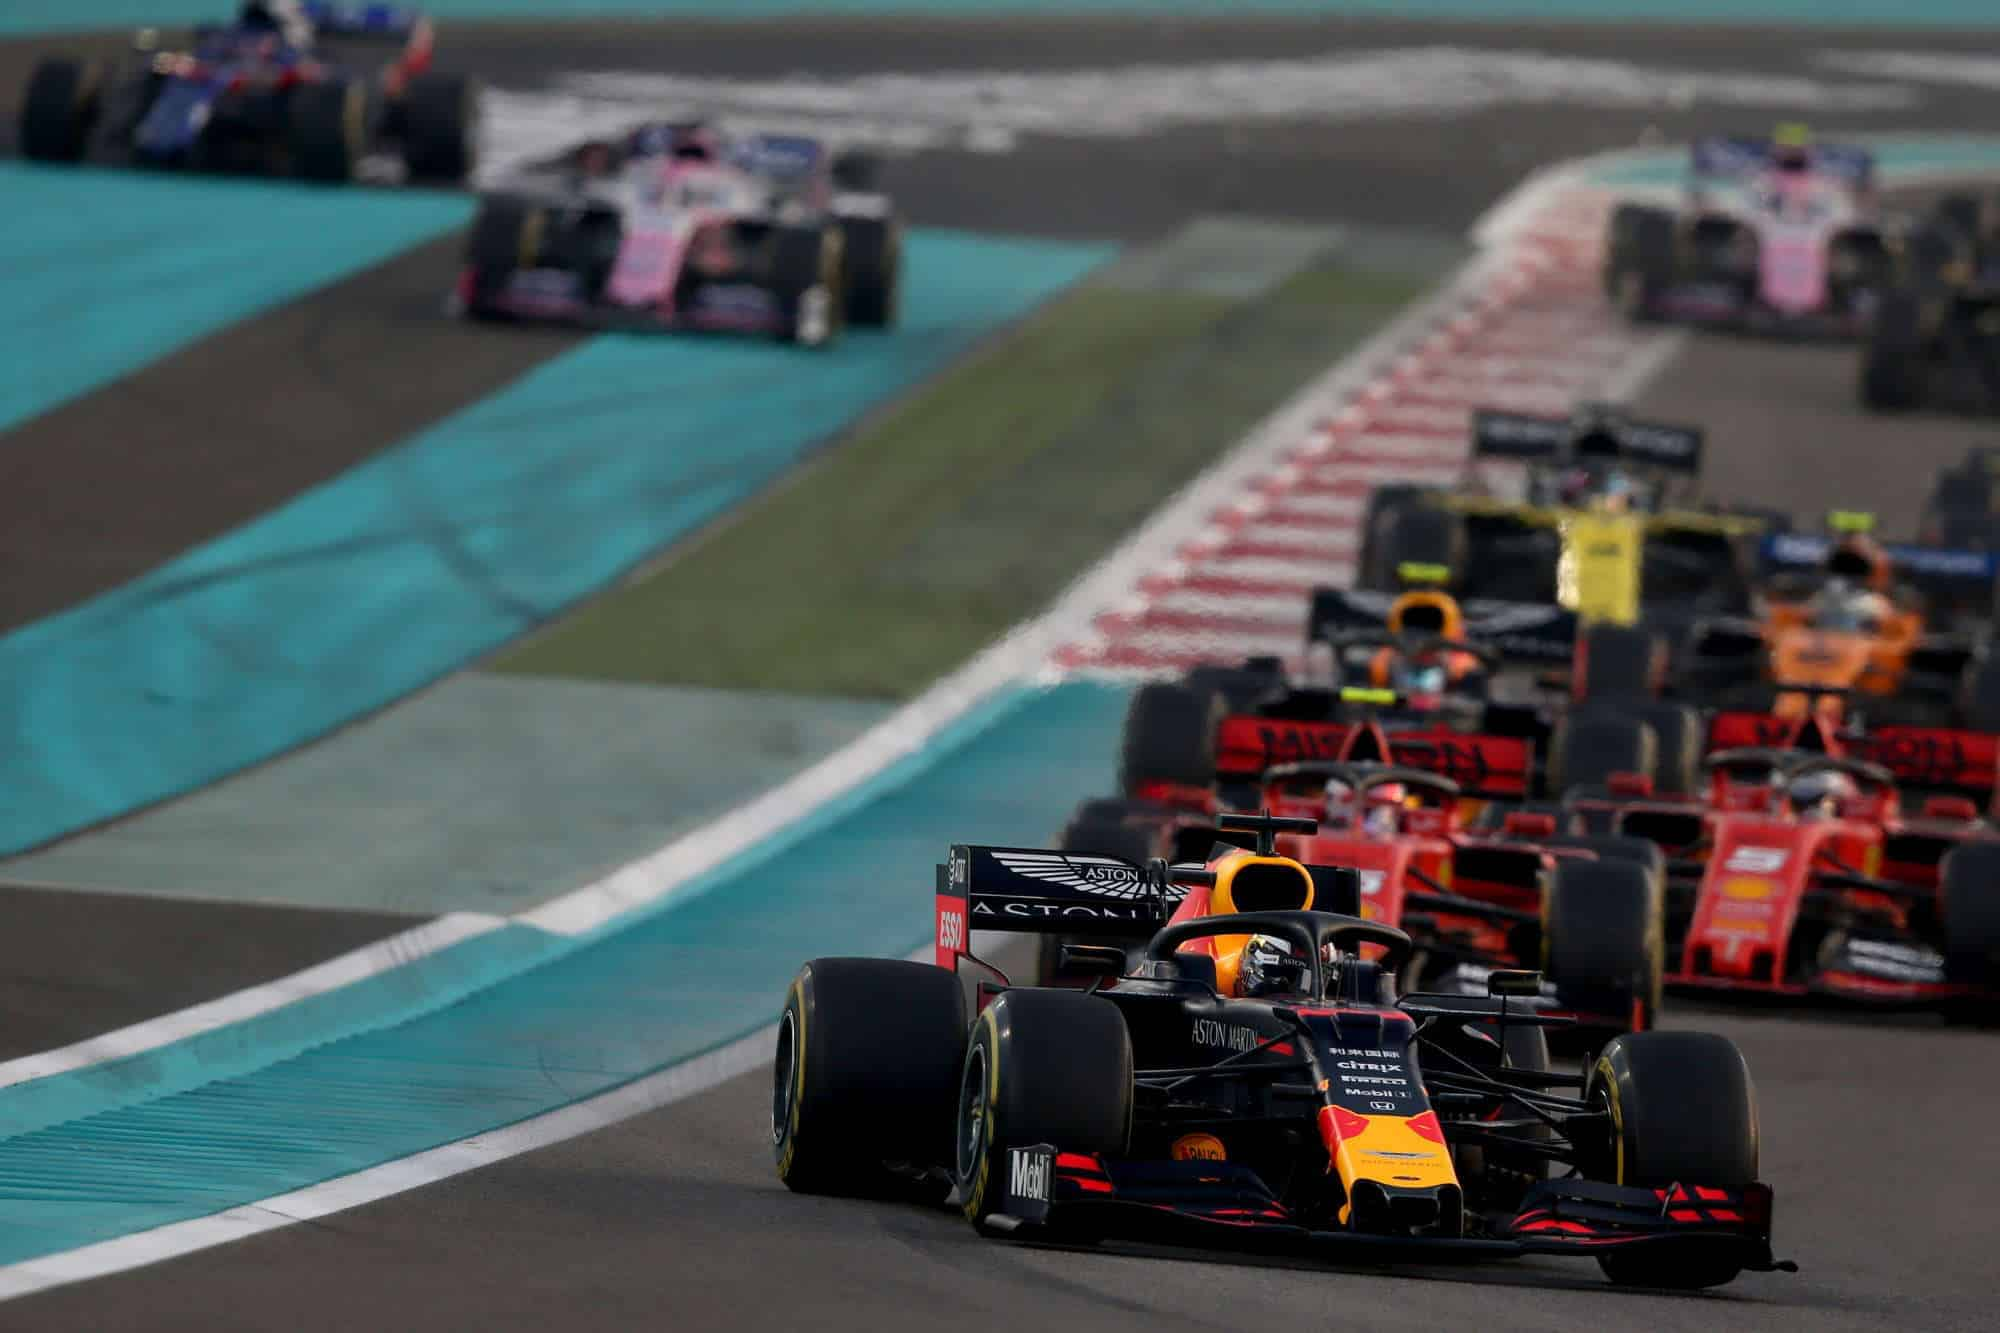 2019 Abu Dhabi GP start Verstappen leads Ferraris Photo Red Bull